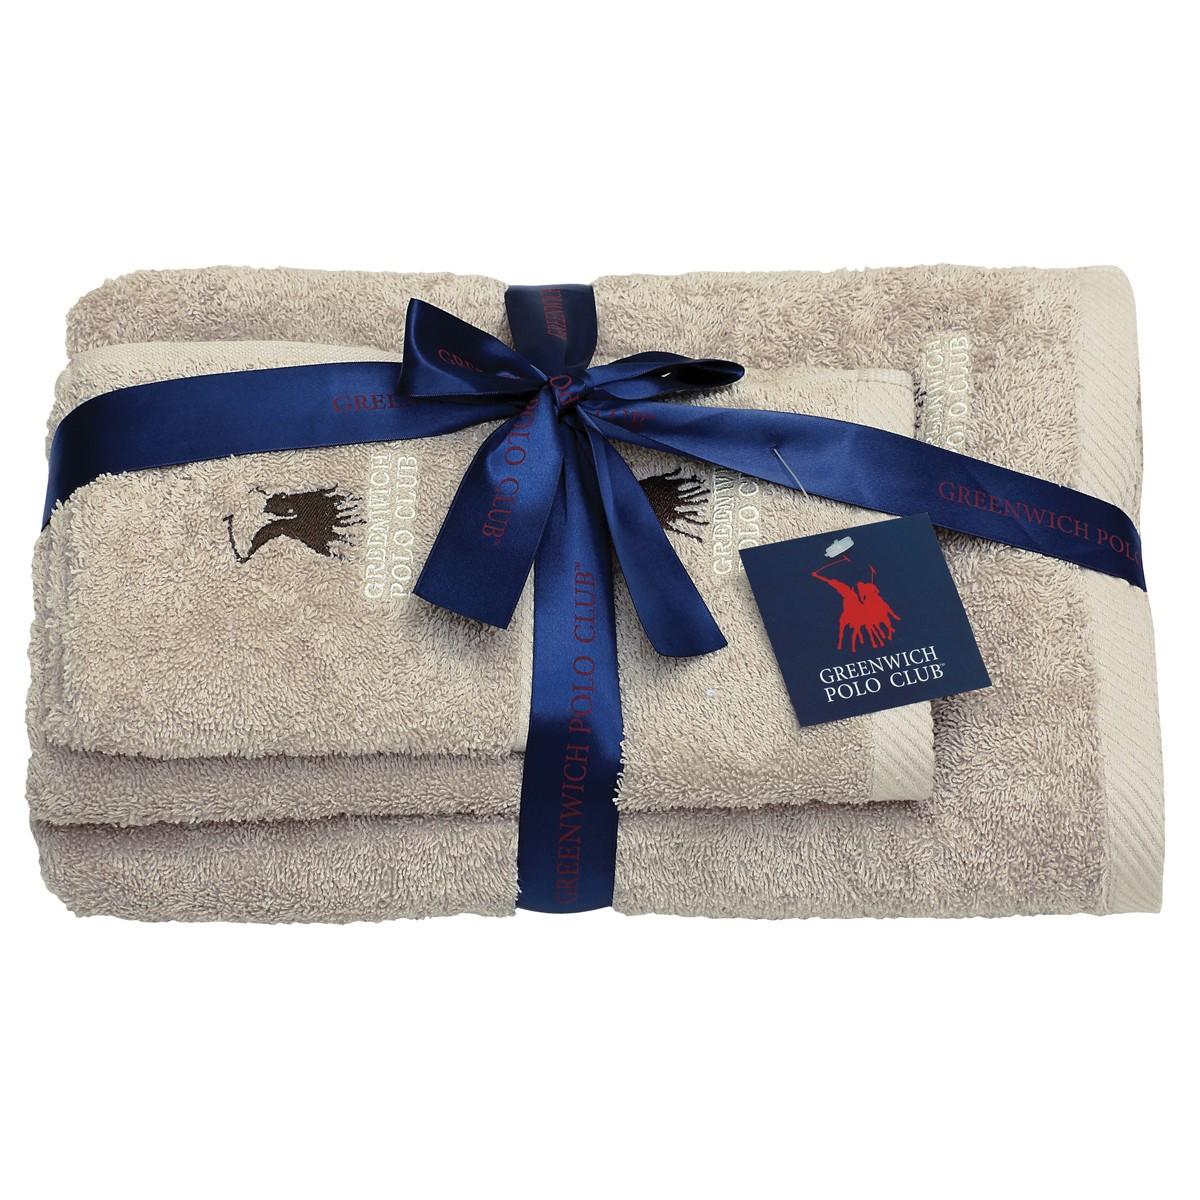 Πετσέτες Μπάνιου (Σετ 3τμχ) Polo Club Essential 2505